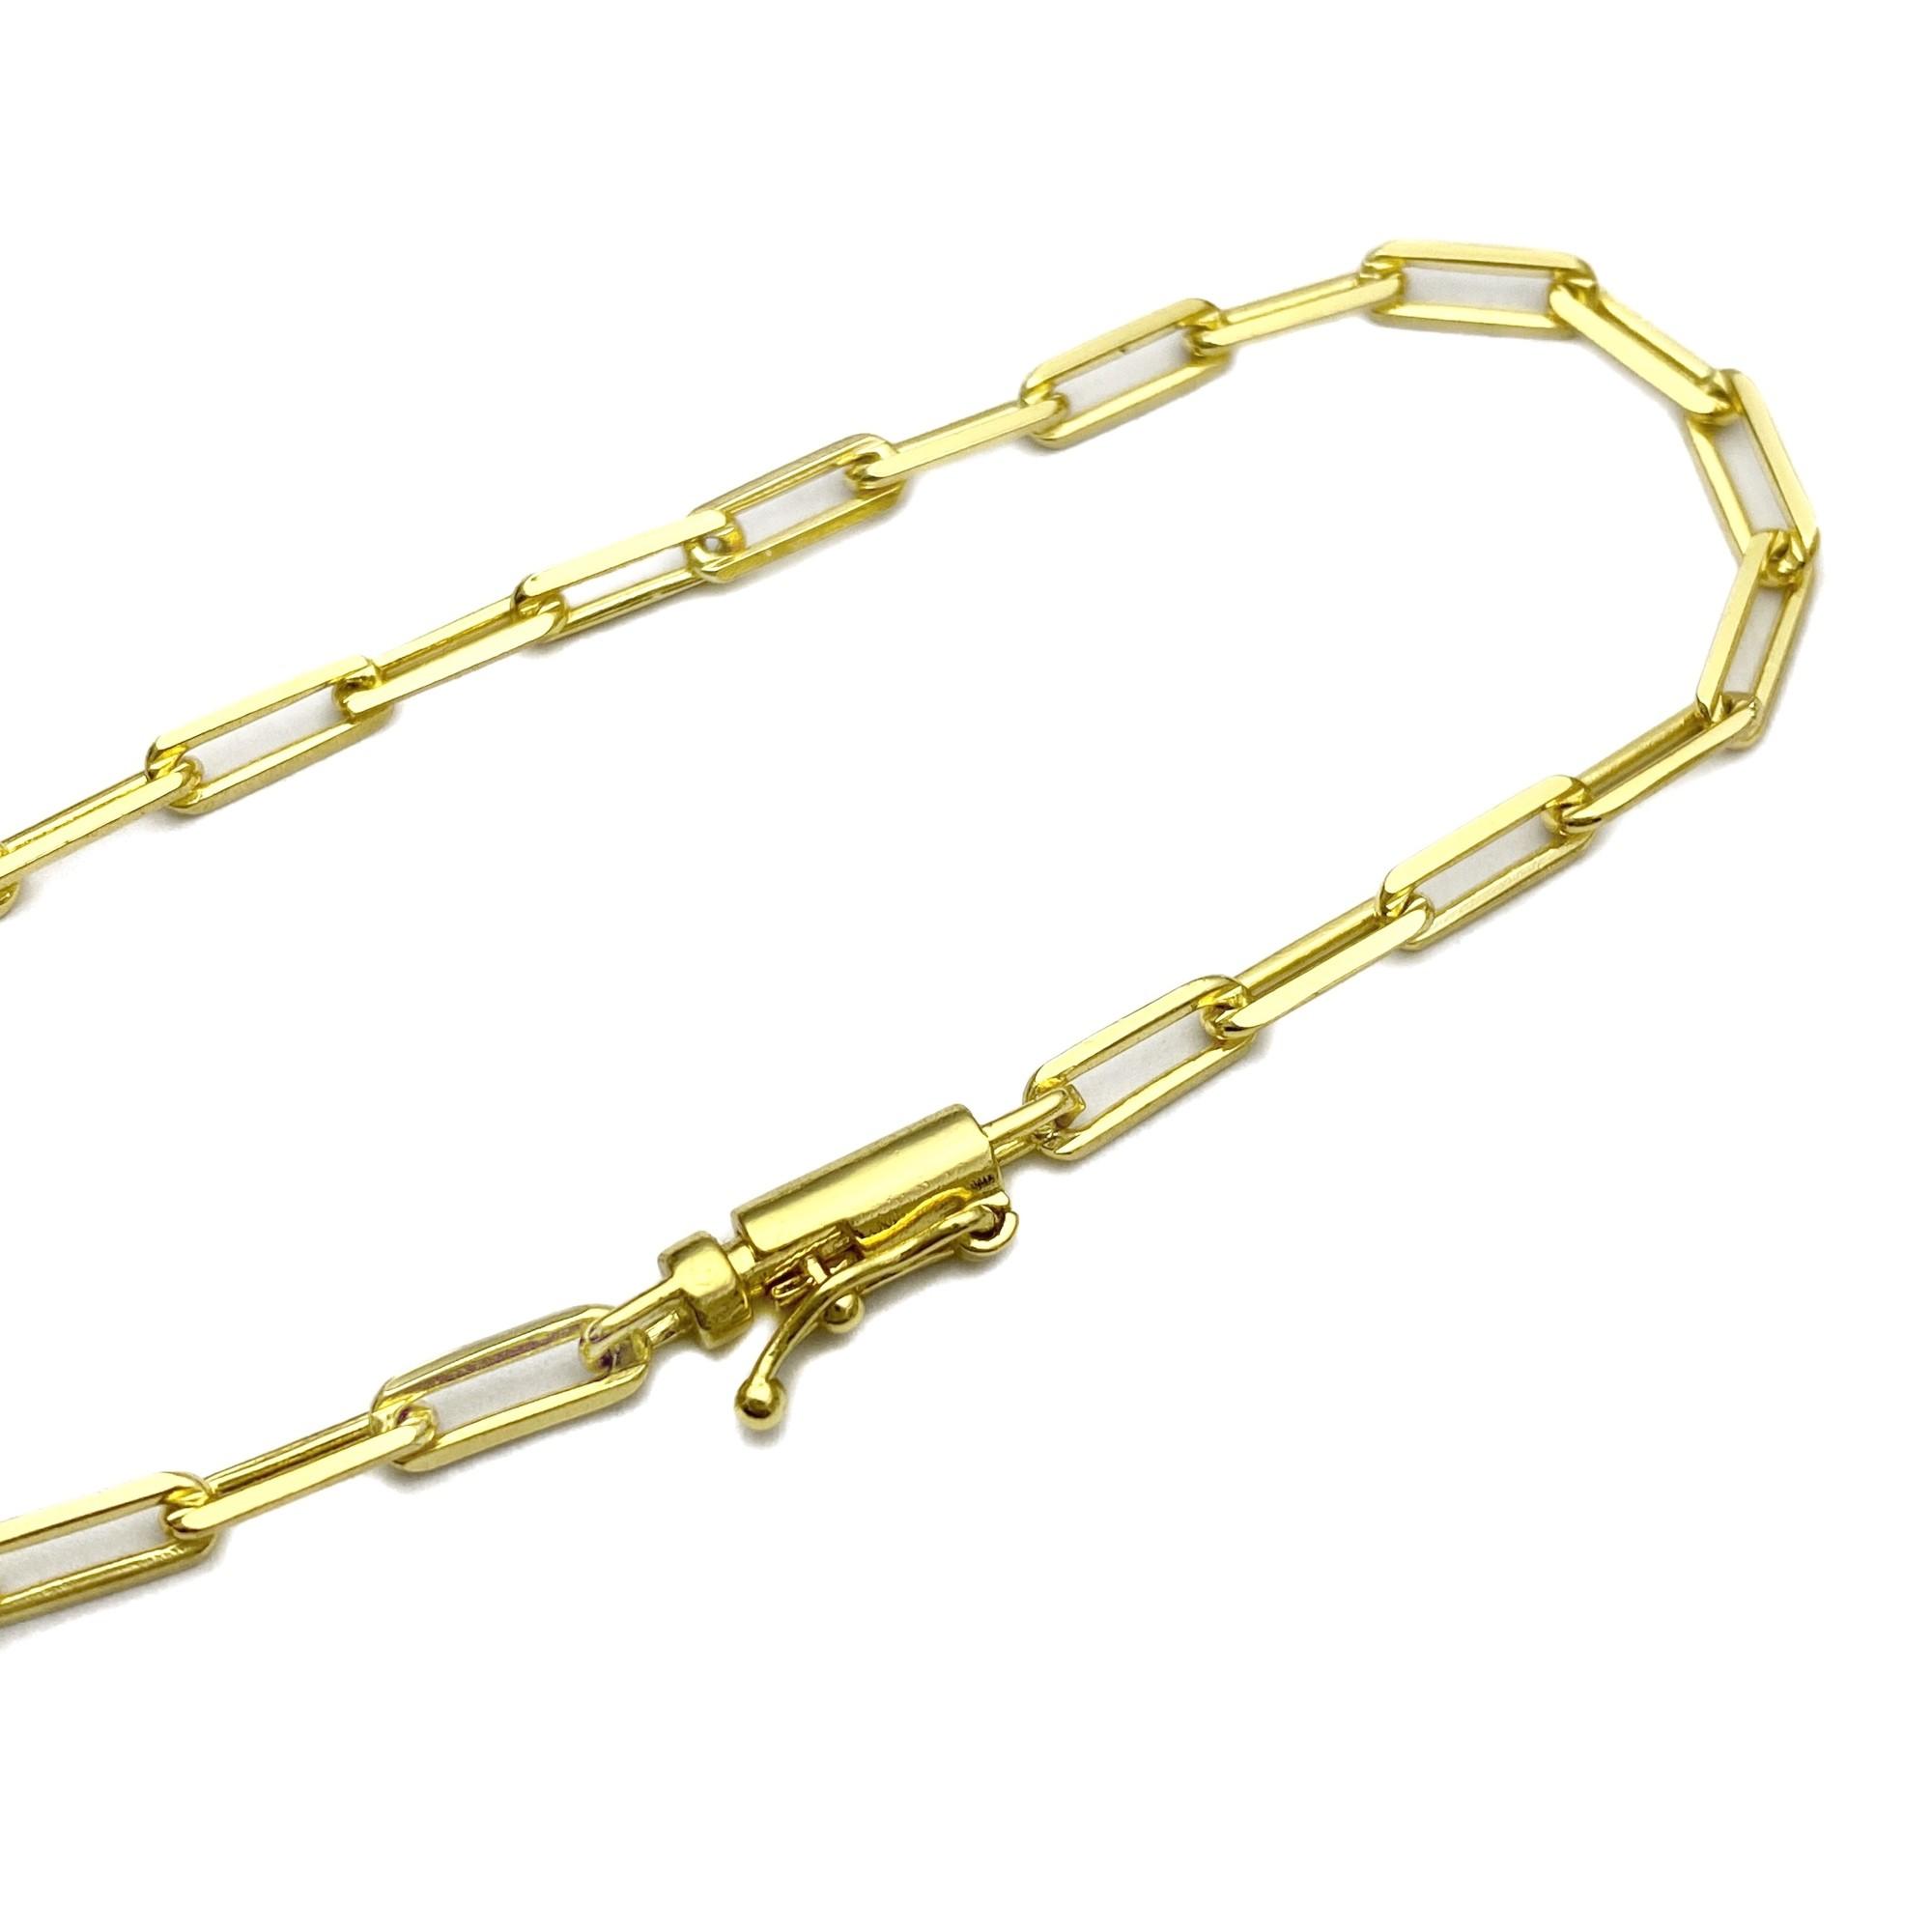 Conjunto Corrente Carrier Diamantada 3mm 60cm 10,5g (Fecho Canhão) + Pulseira Carrier Diamantada 3mm 4,5g (Fecho Canhão) (Banho De Ouro 24k)